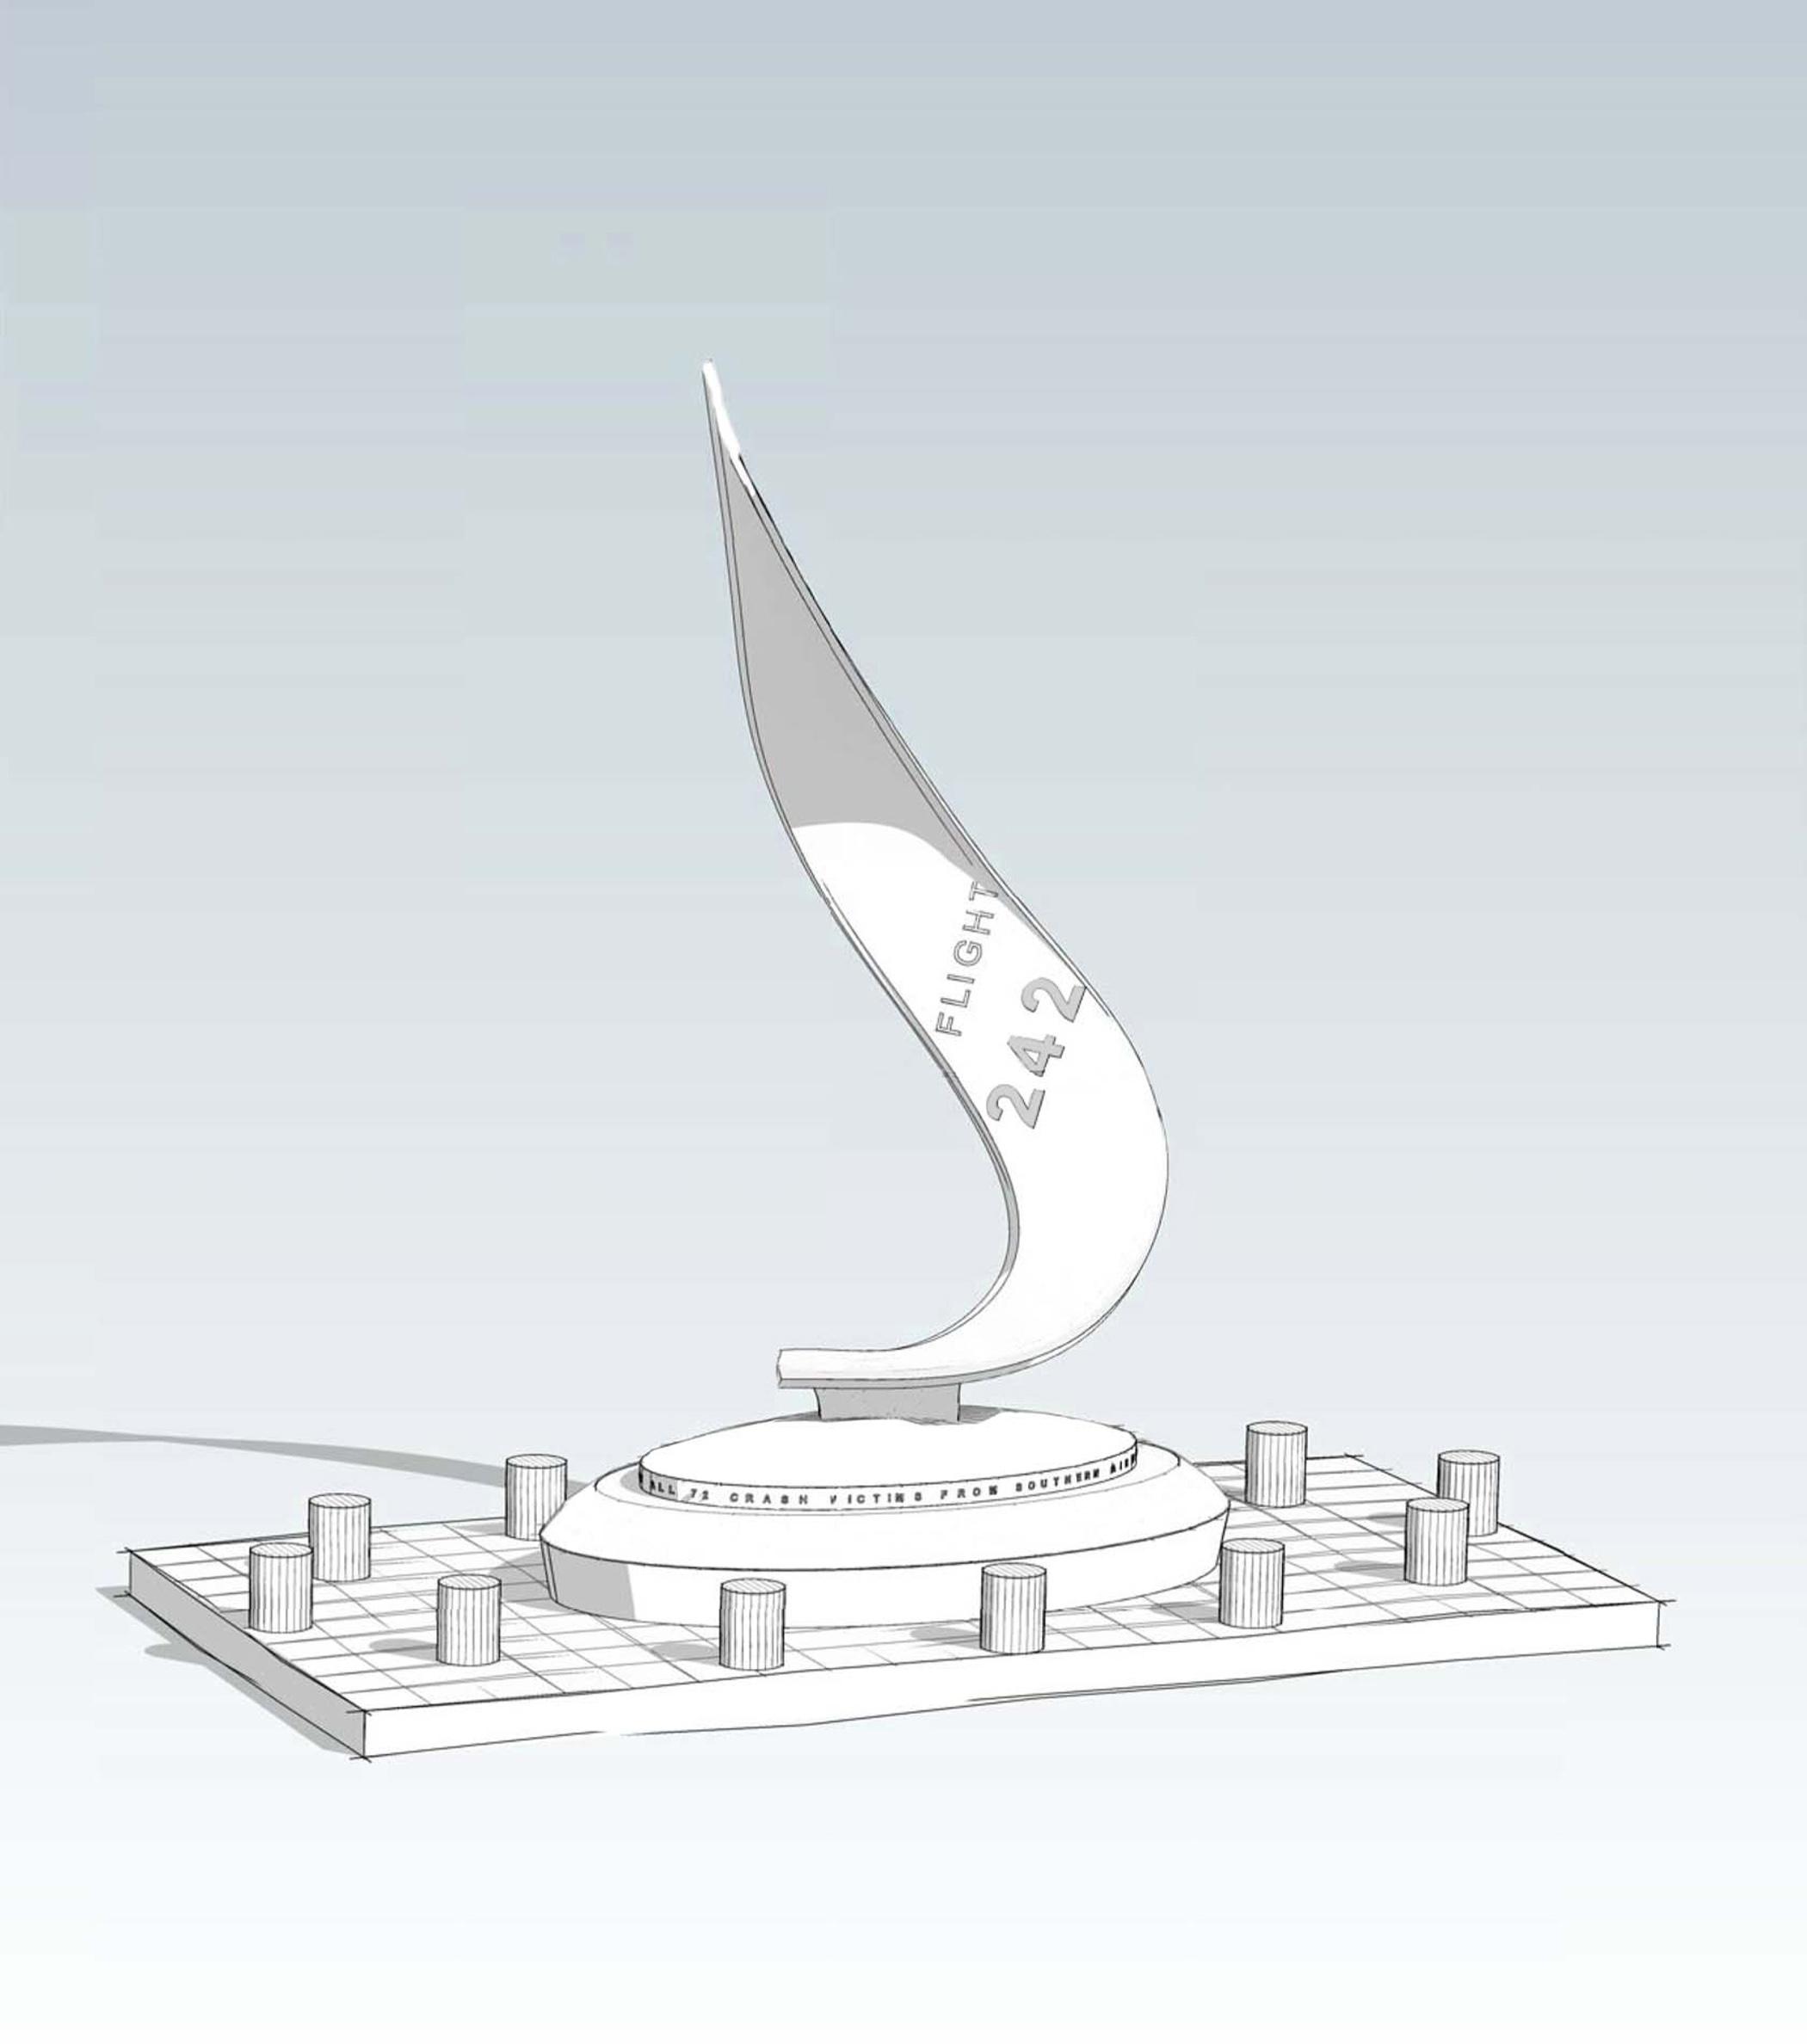 New-Hope-Memorial_Sketch-Rendering-1.jpg